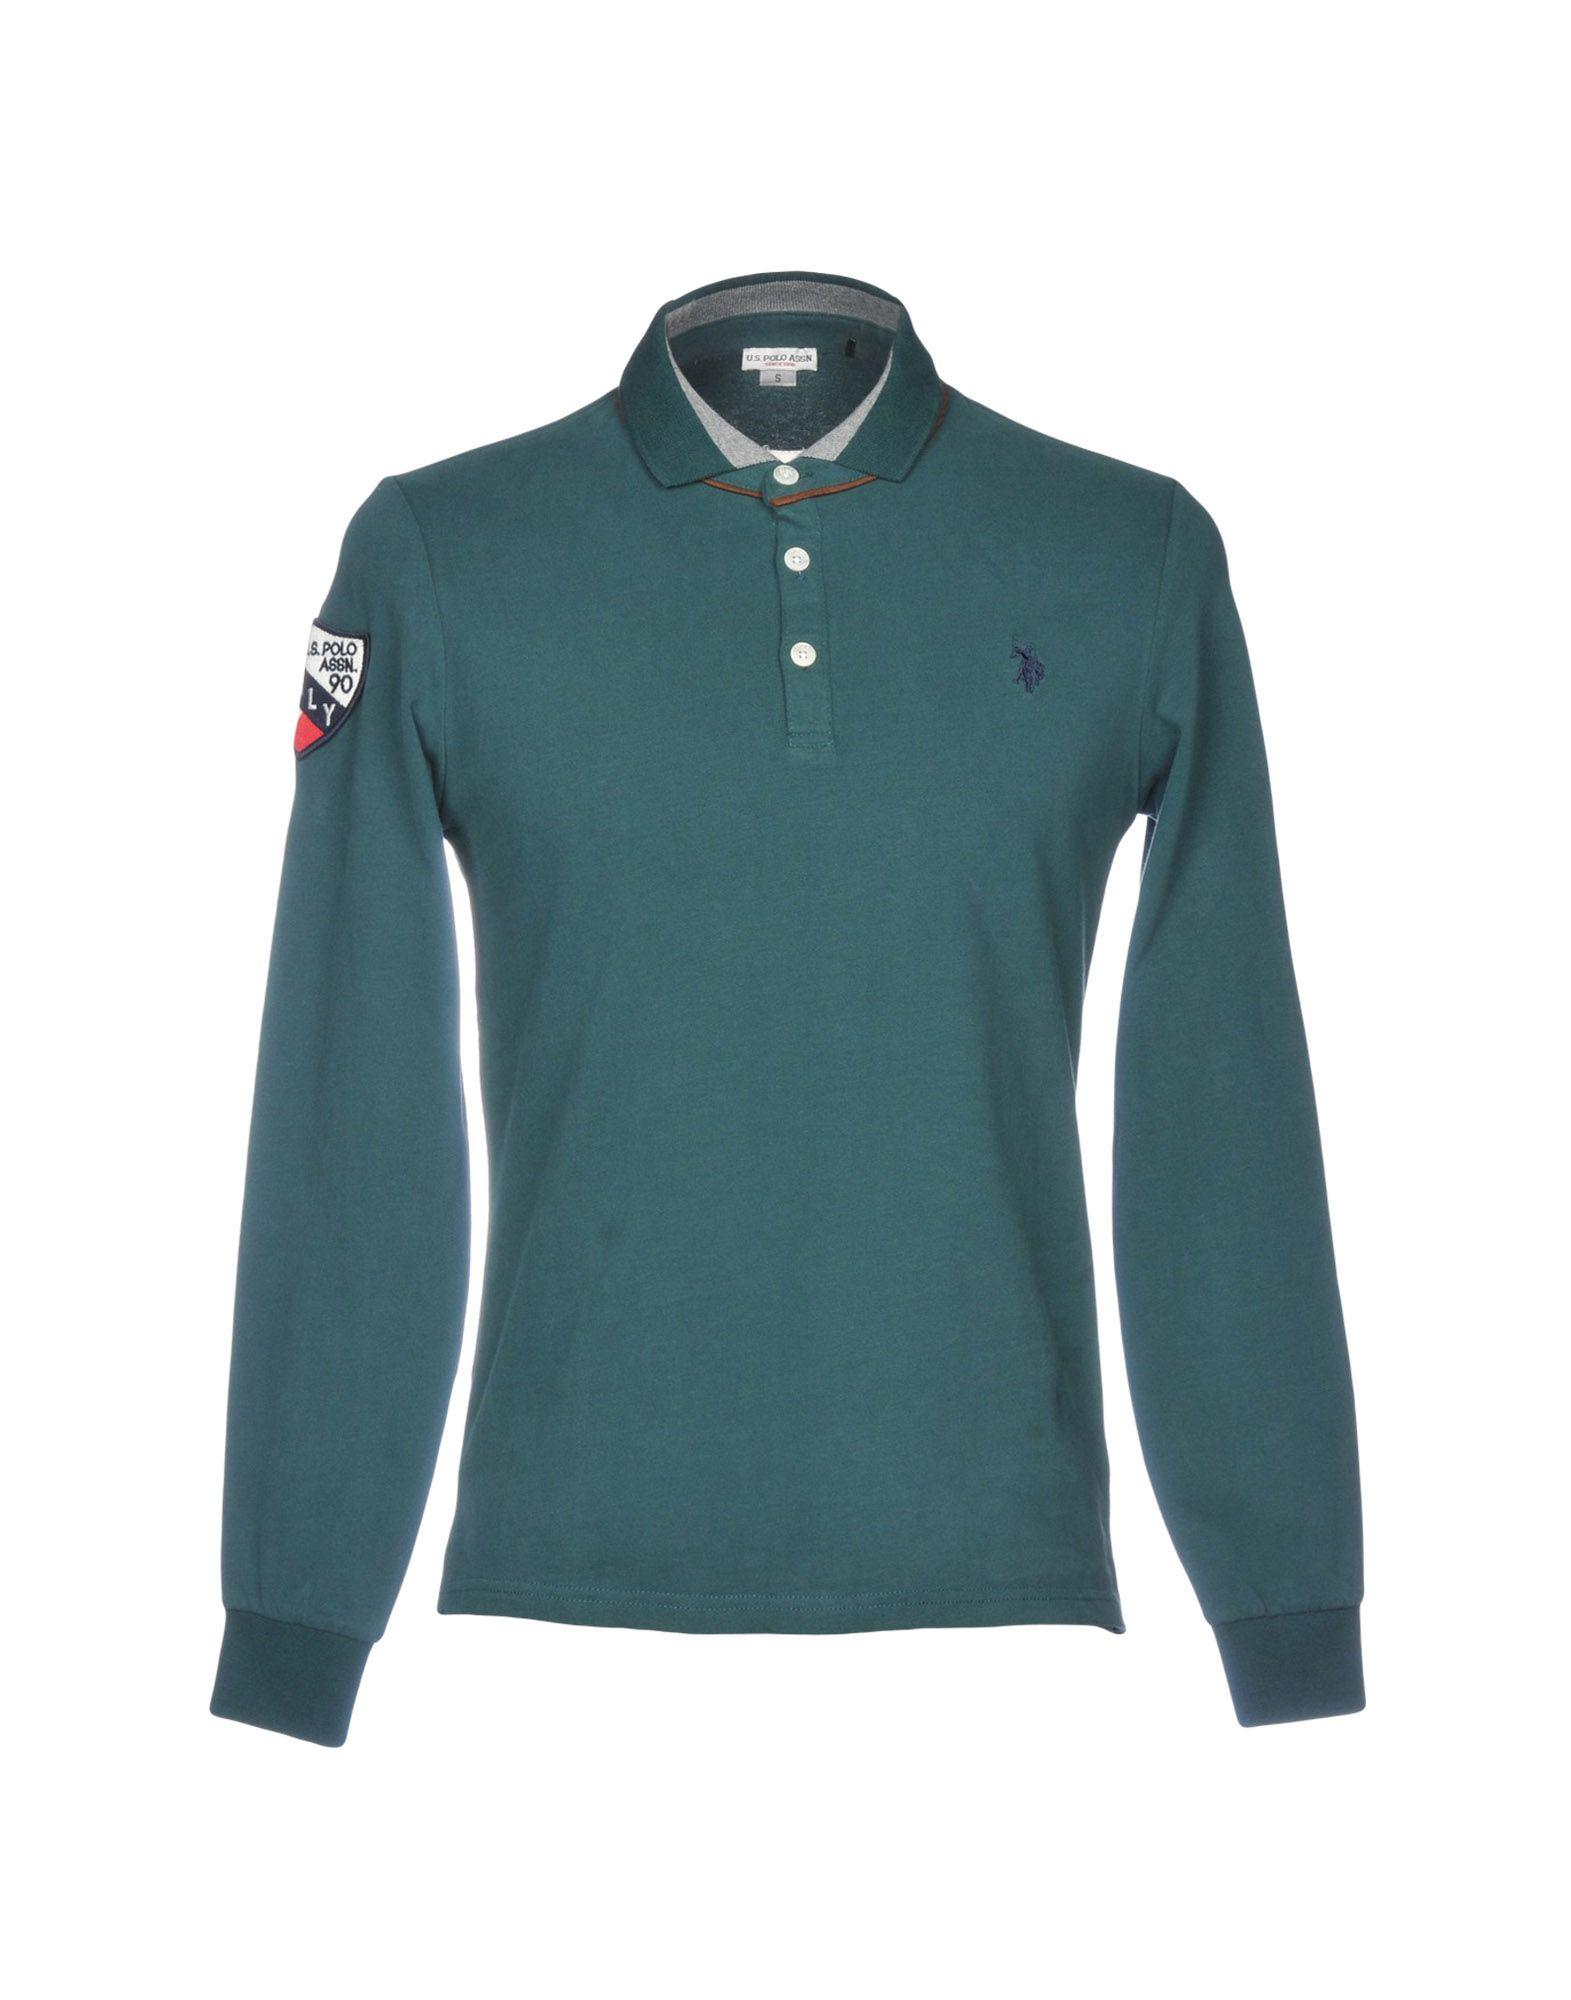 《送料無料》U.S.POLO ASSN. メンズ ポロシャツ グリーン S コットン 100%